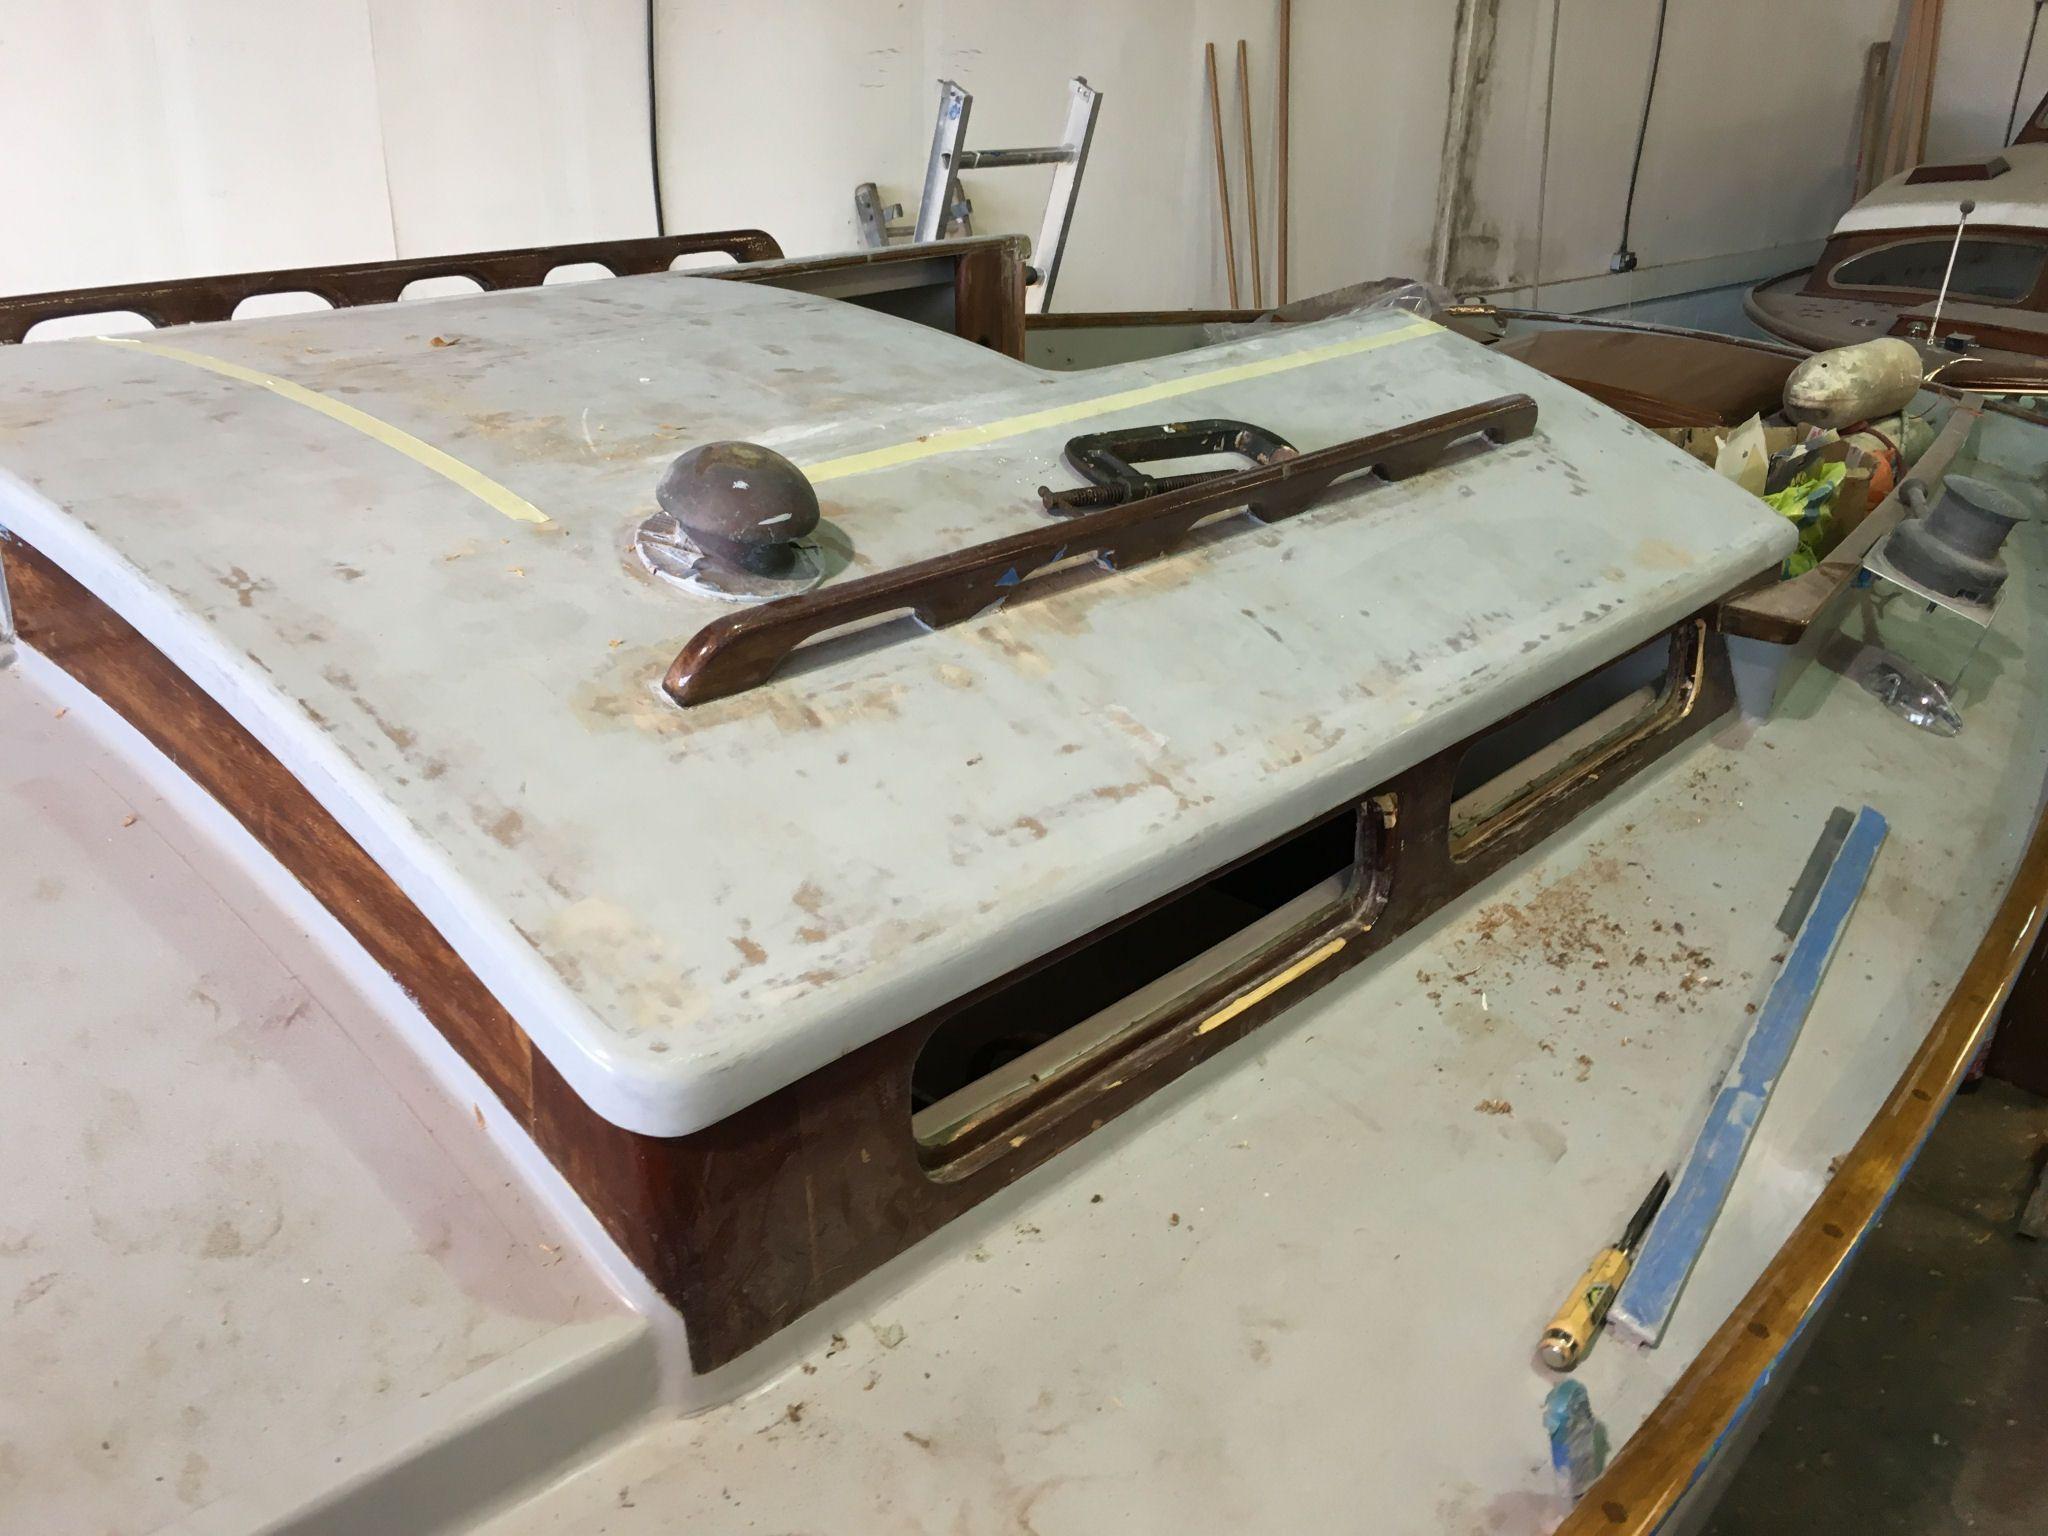 http://www.woodenboatsforever.co.uk/image/merle_of_malham_02.jpg